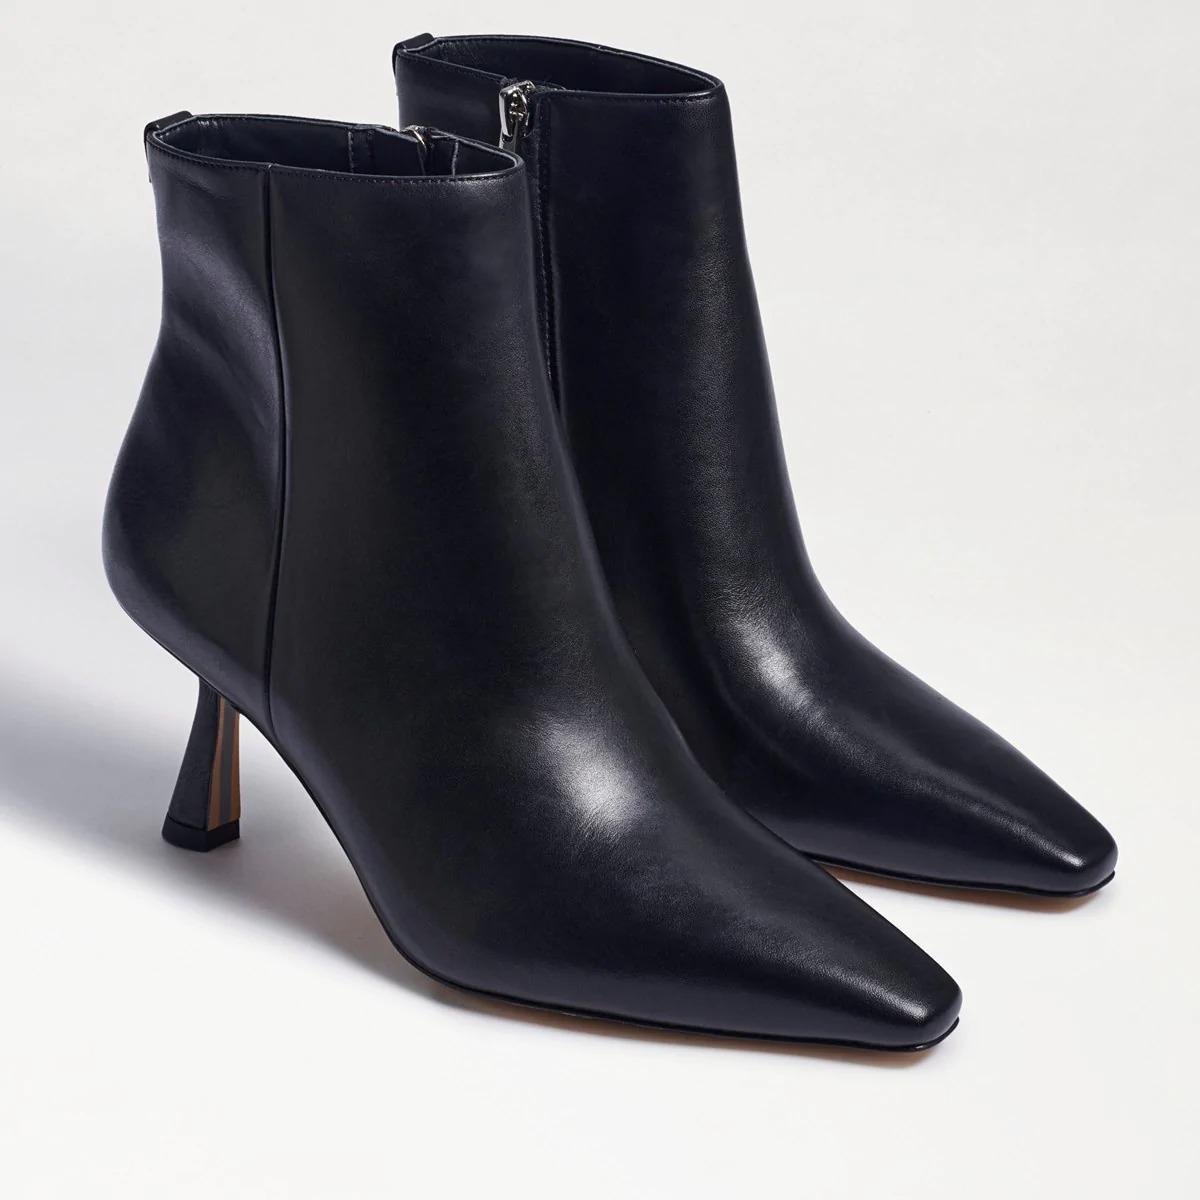 Sam Edelman Samantha 踝靴